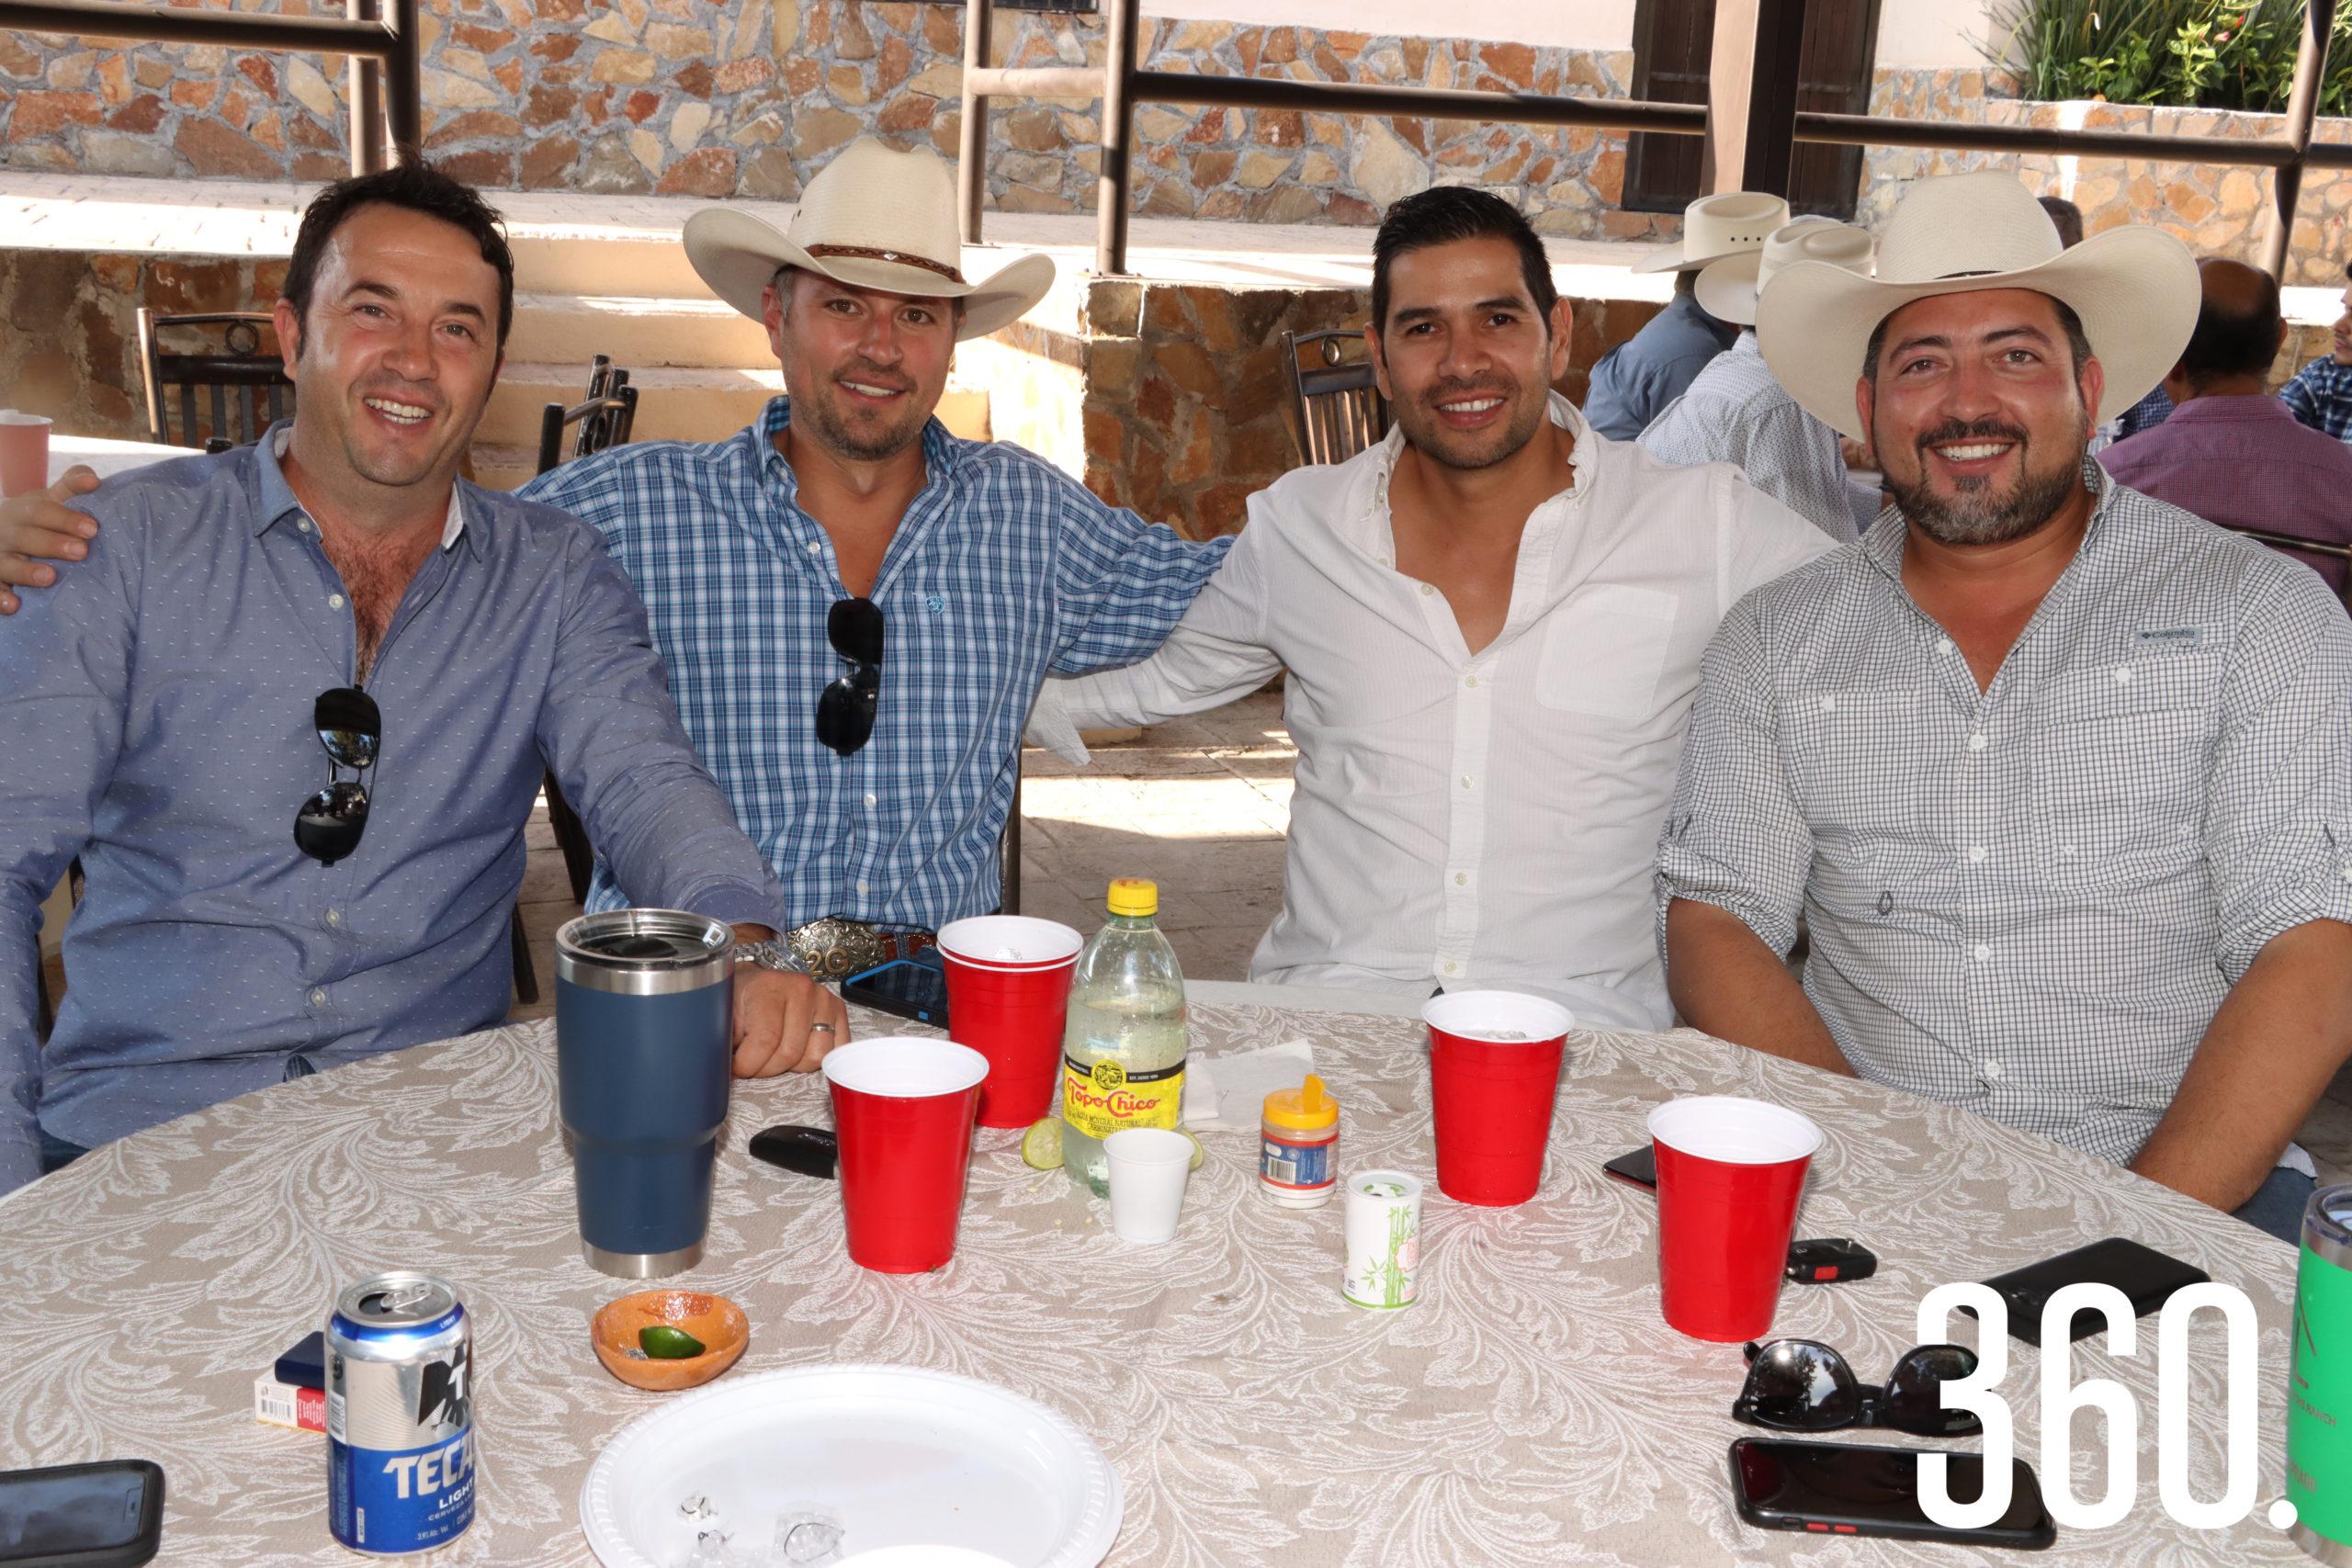 Francisco González, Enrique García, Carlos Solís y Guillermo Prado.